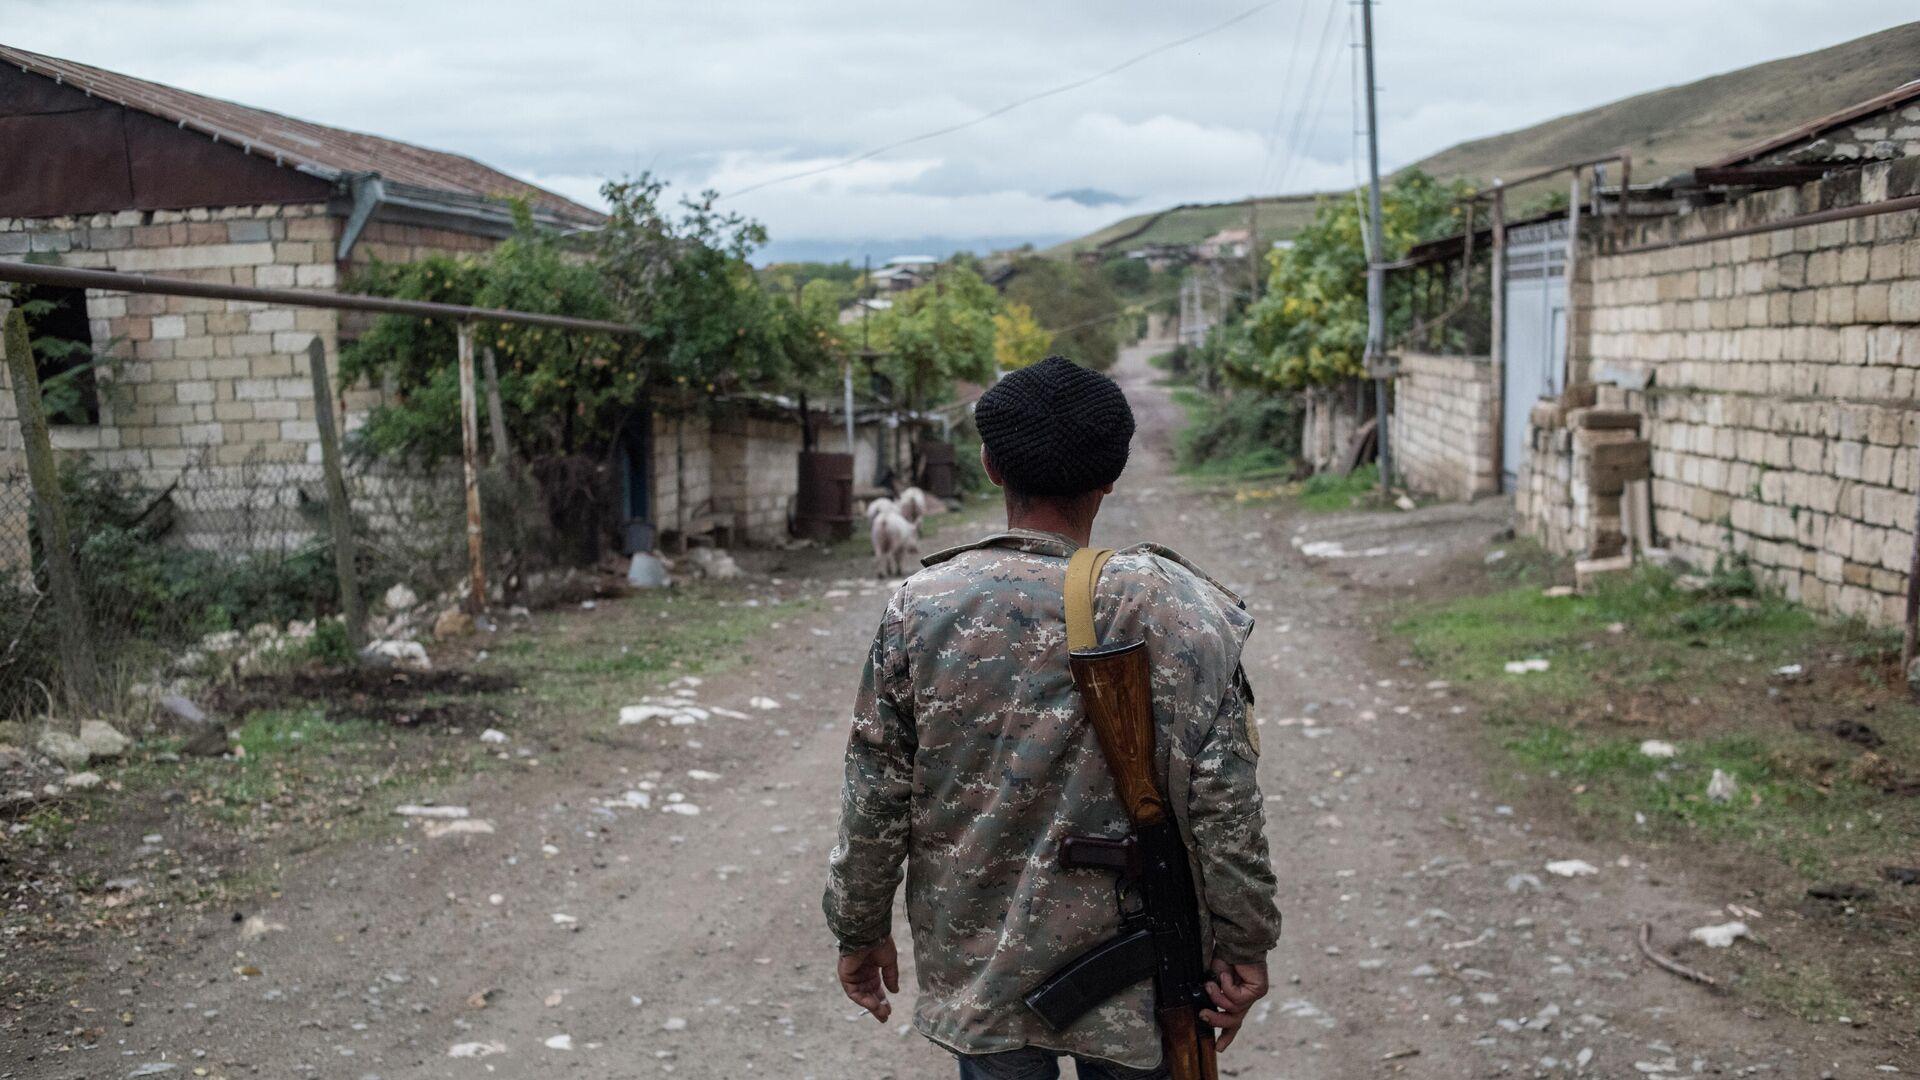 Местный житель в поселке Храморт в Нагорном Карабахе - РИА Новости, 1920, 25.10.2020